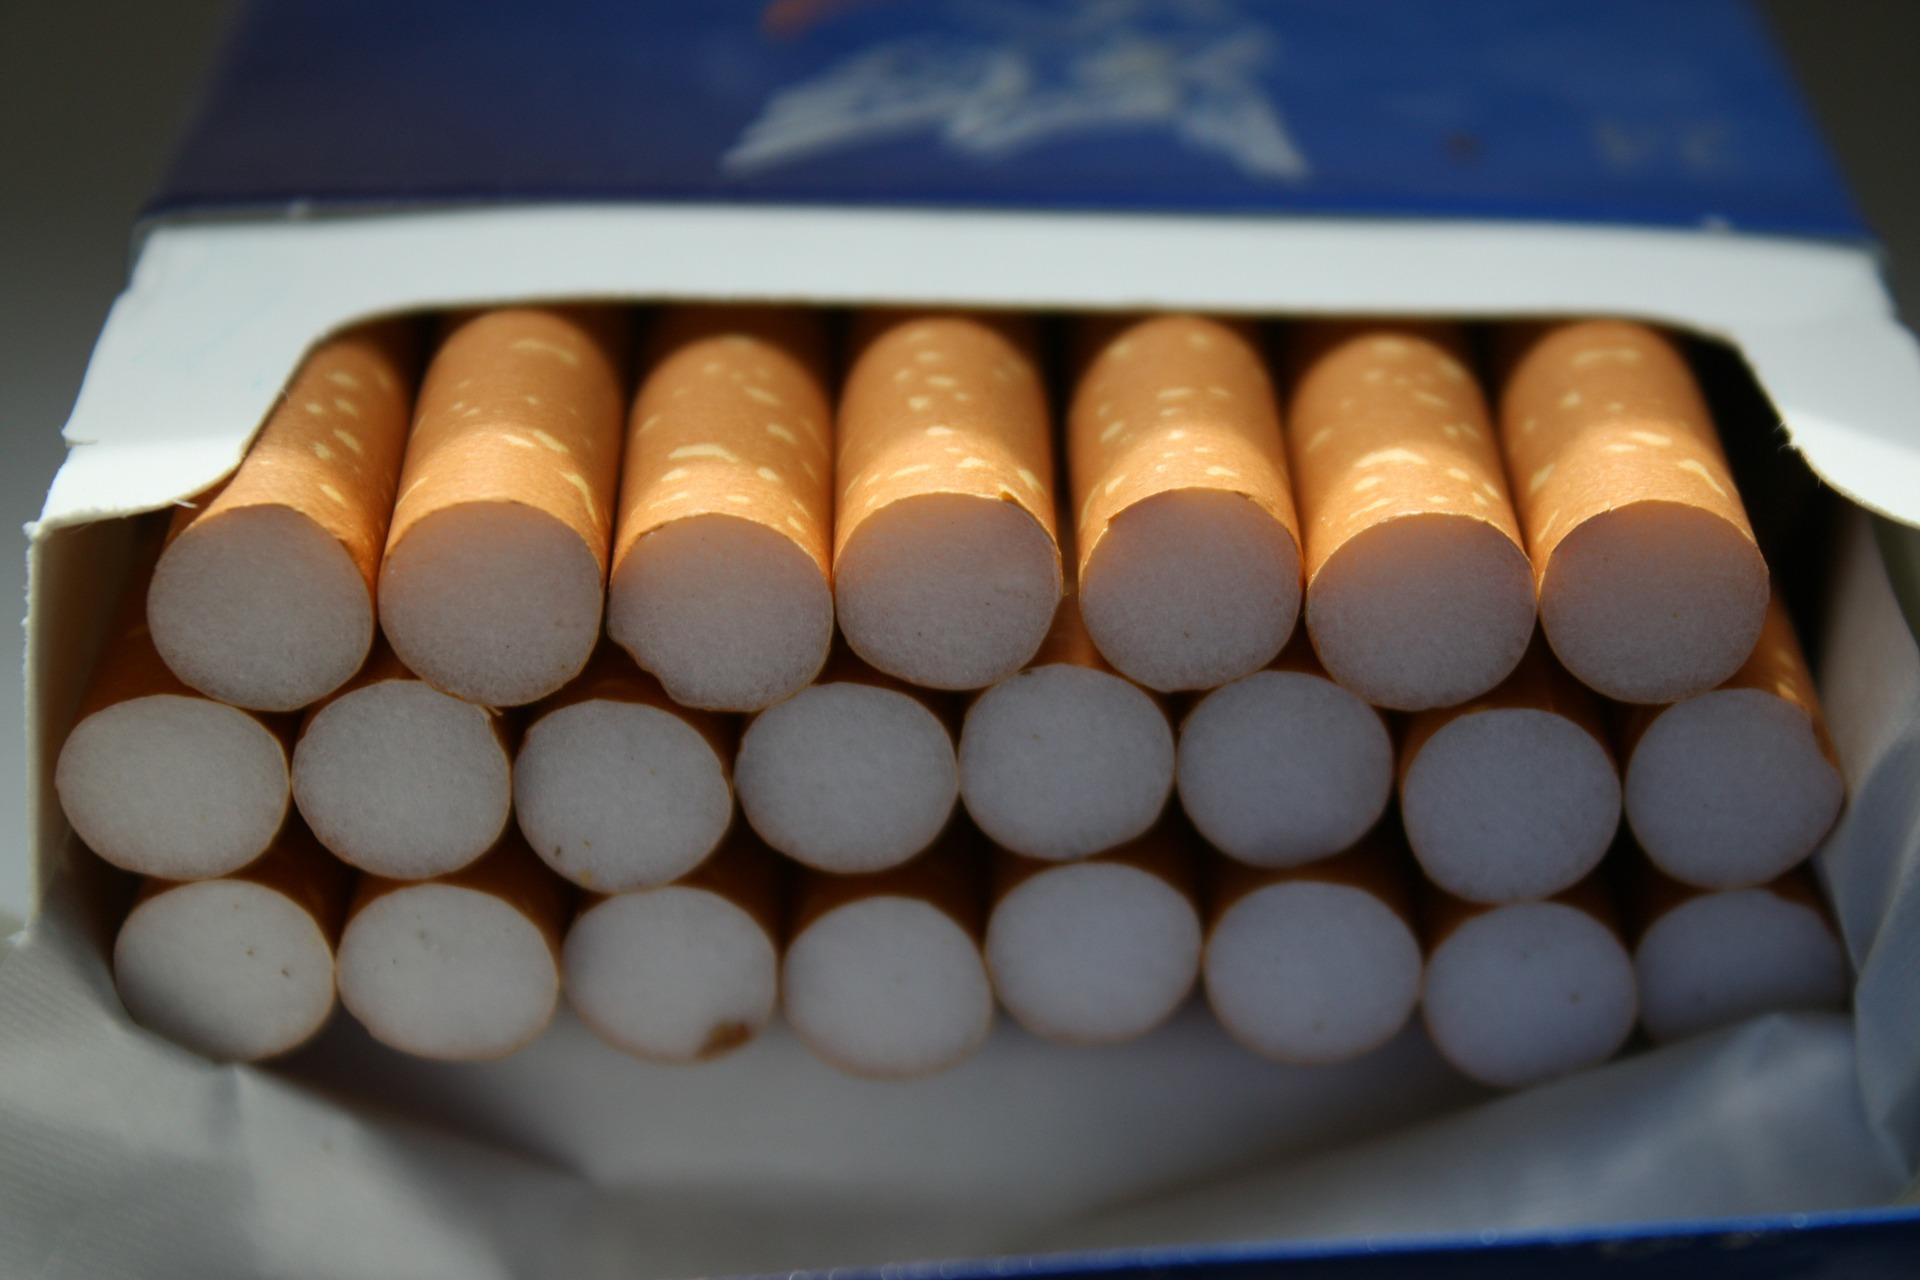 Податкова поліція вилучила цигарки, горілки та пальне на 27 млн гривень